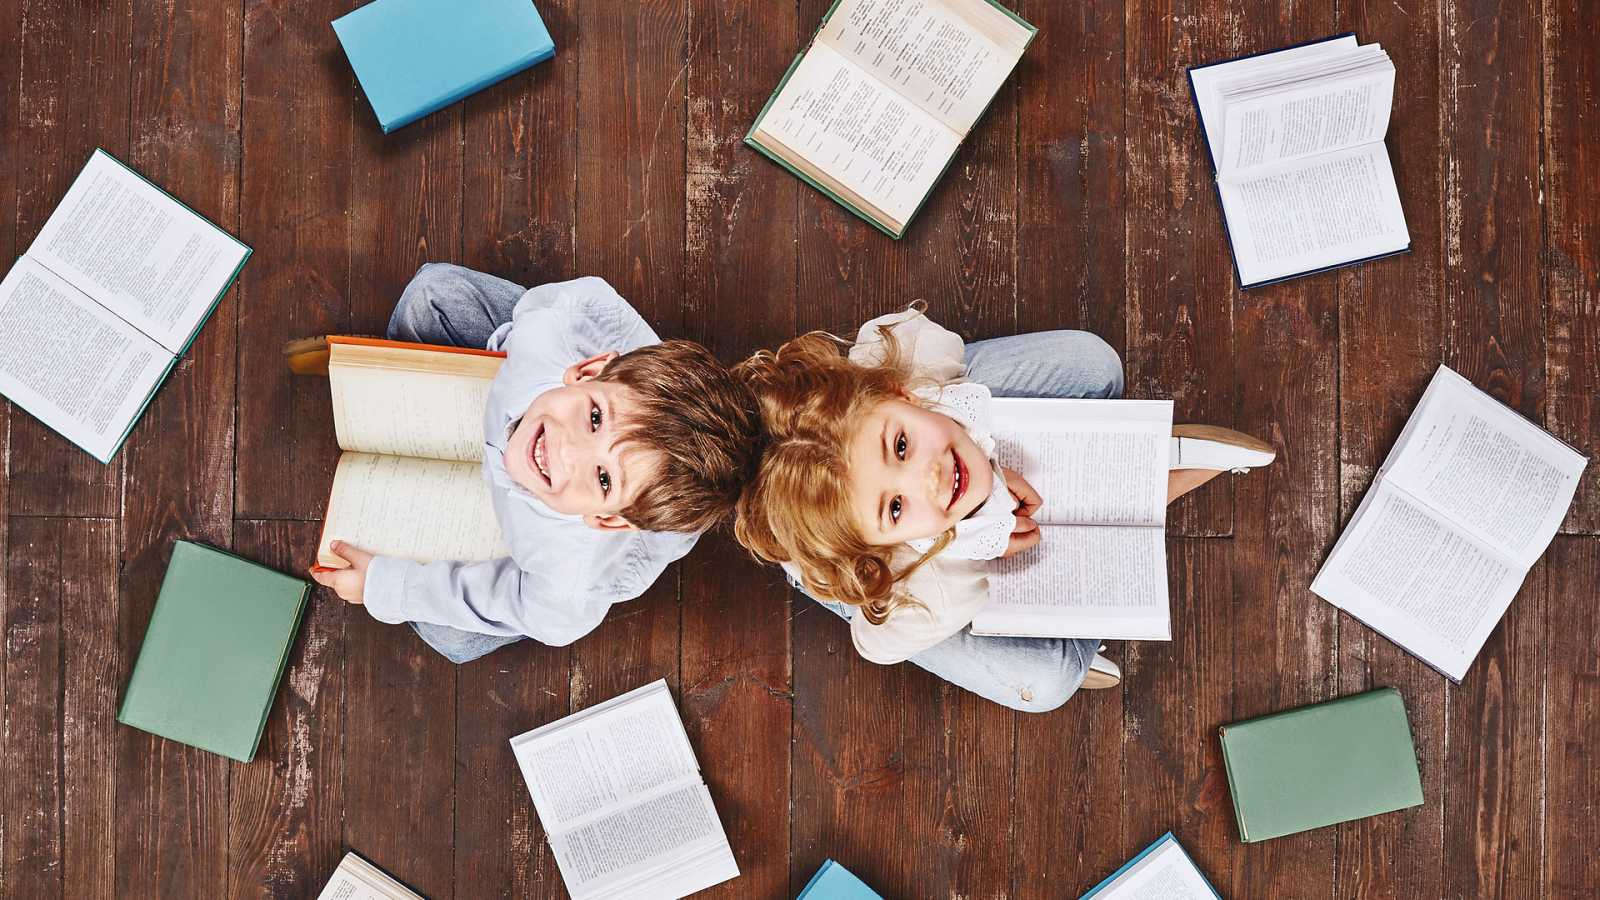 La estación azul de los niños - En abril, libros mil - 10/04/21 - escuchar ahora